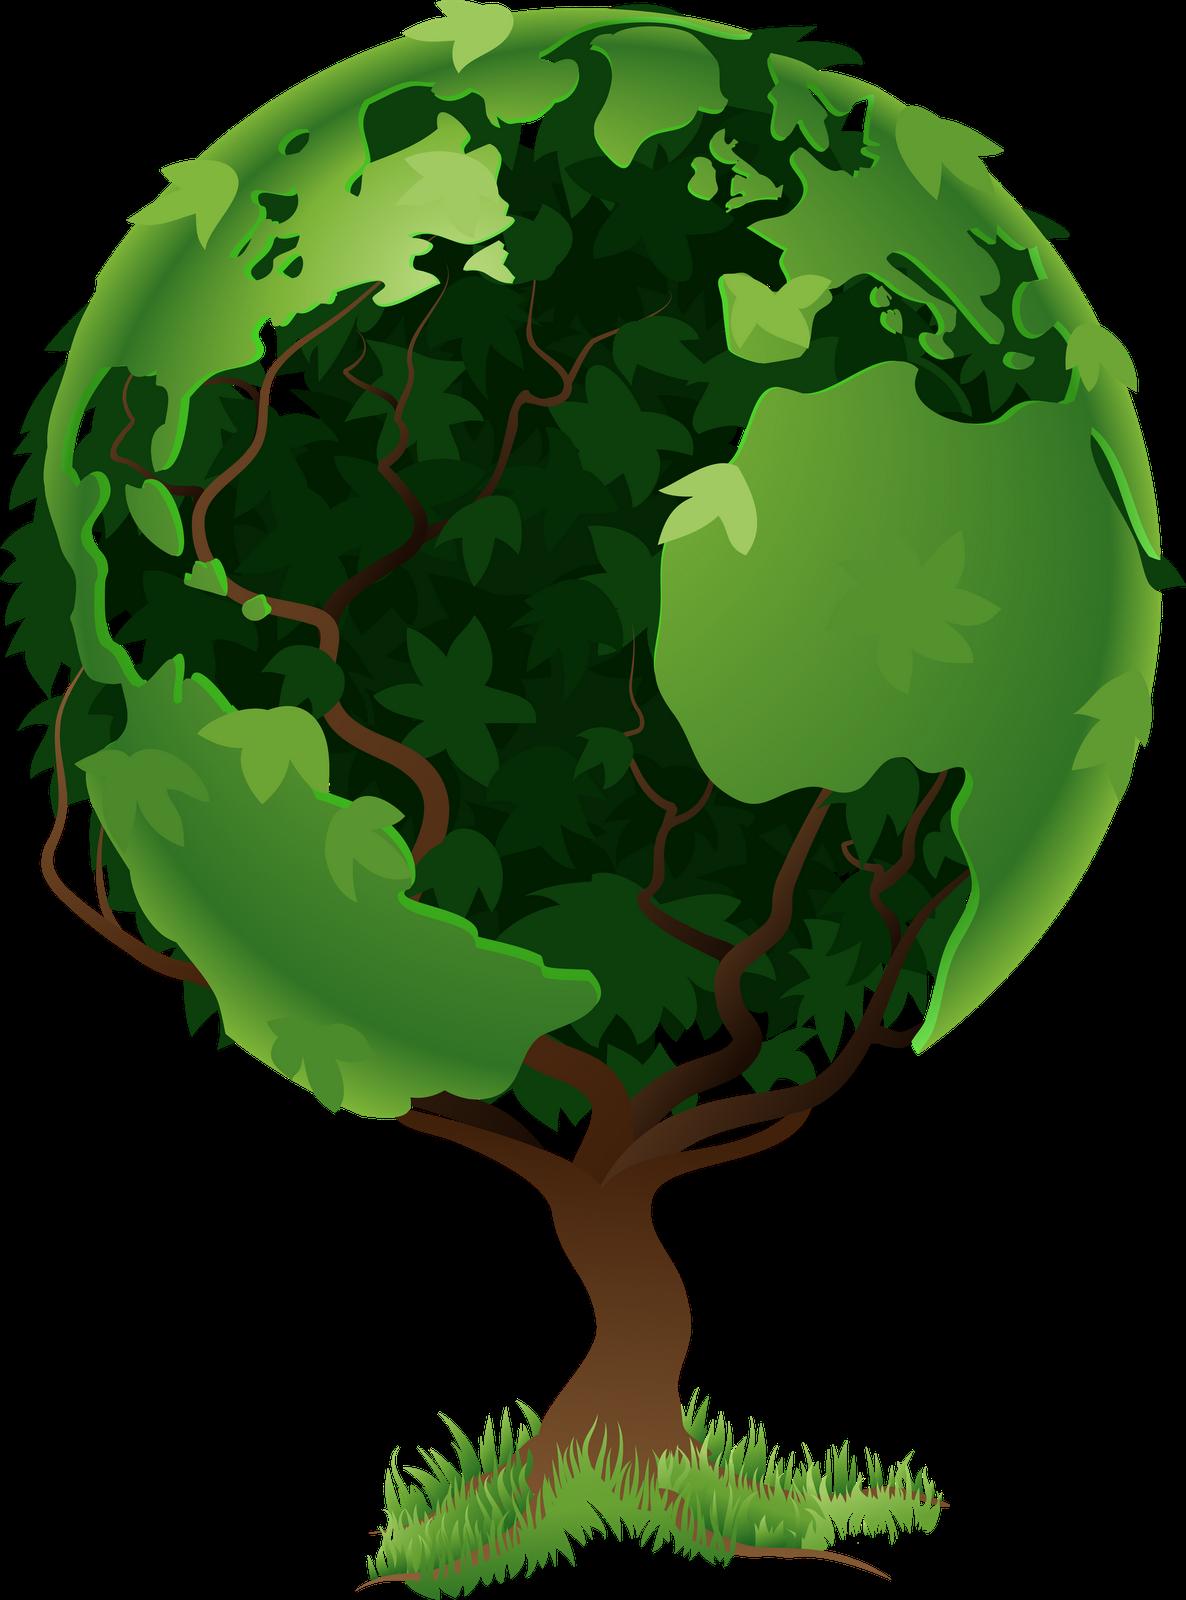 Juego de la oca. Globe clipart tree